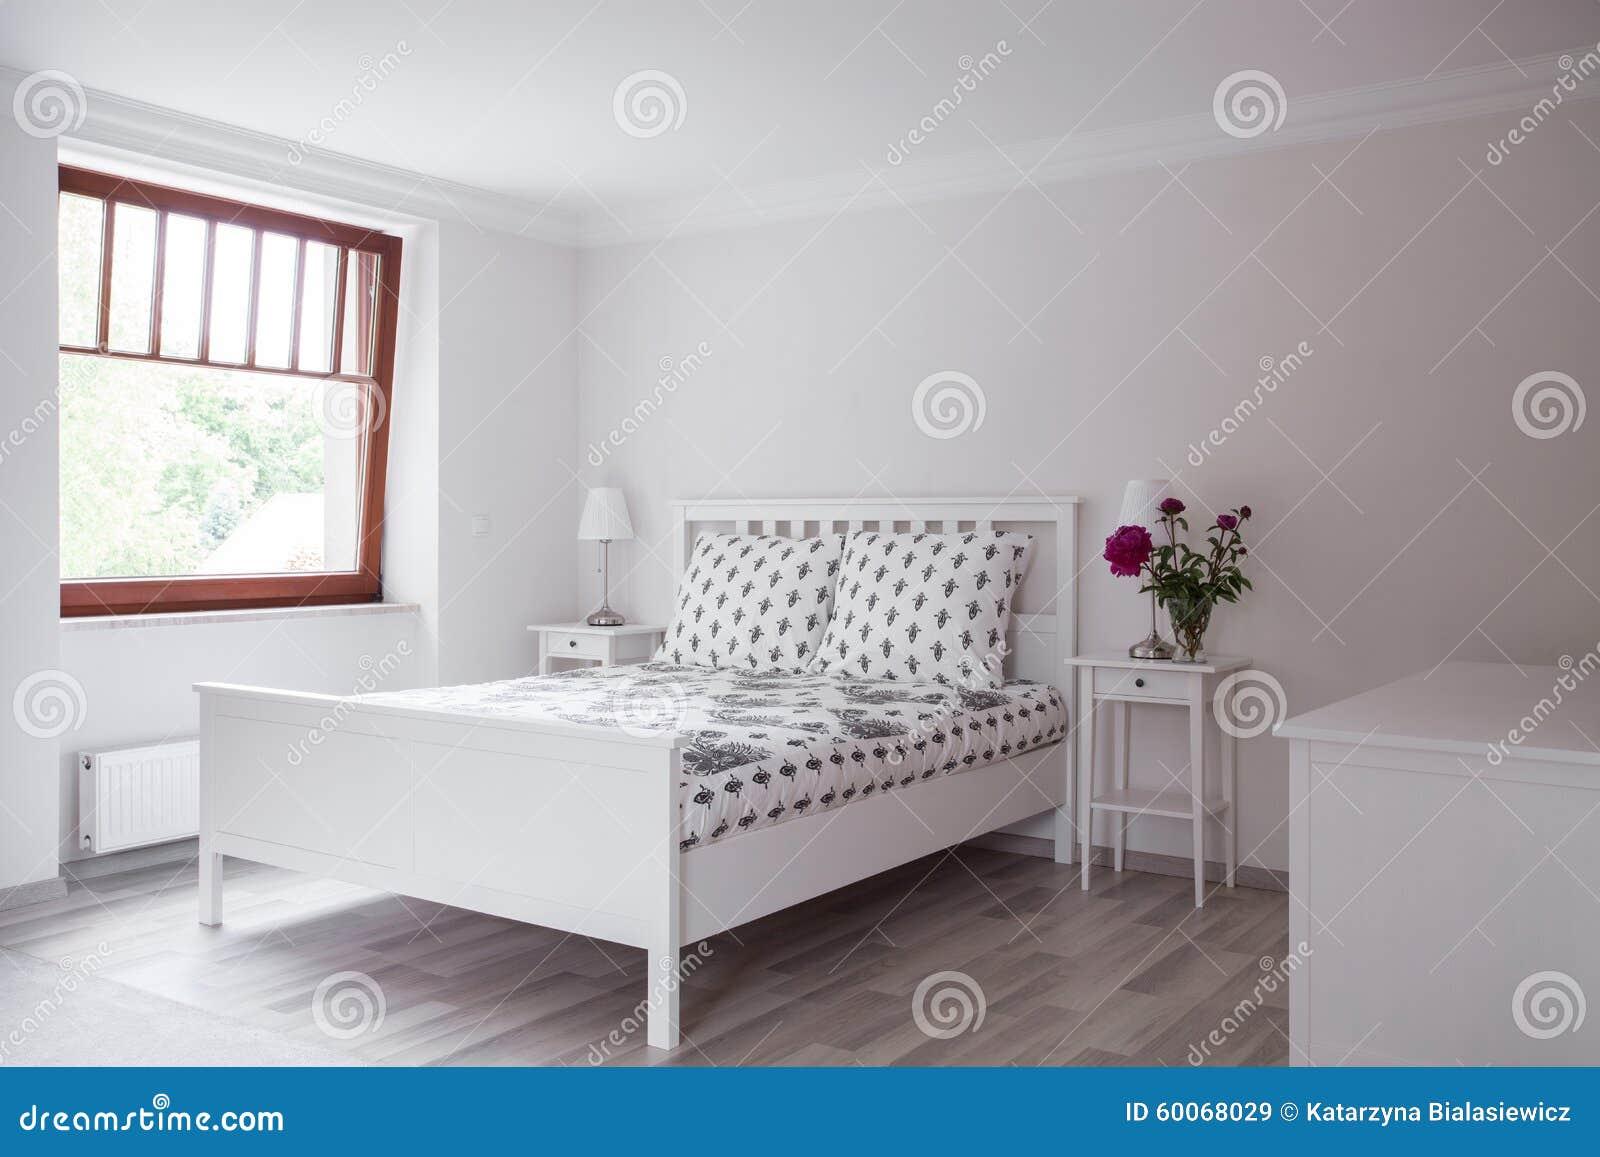 Chambre à Coucher Dans Le Style Romantique Image stock - Image du ...